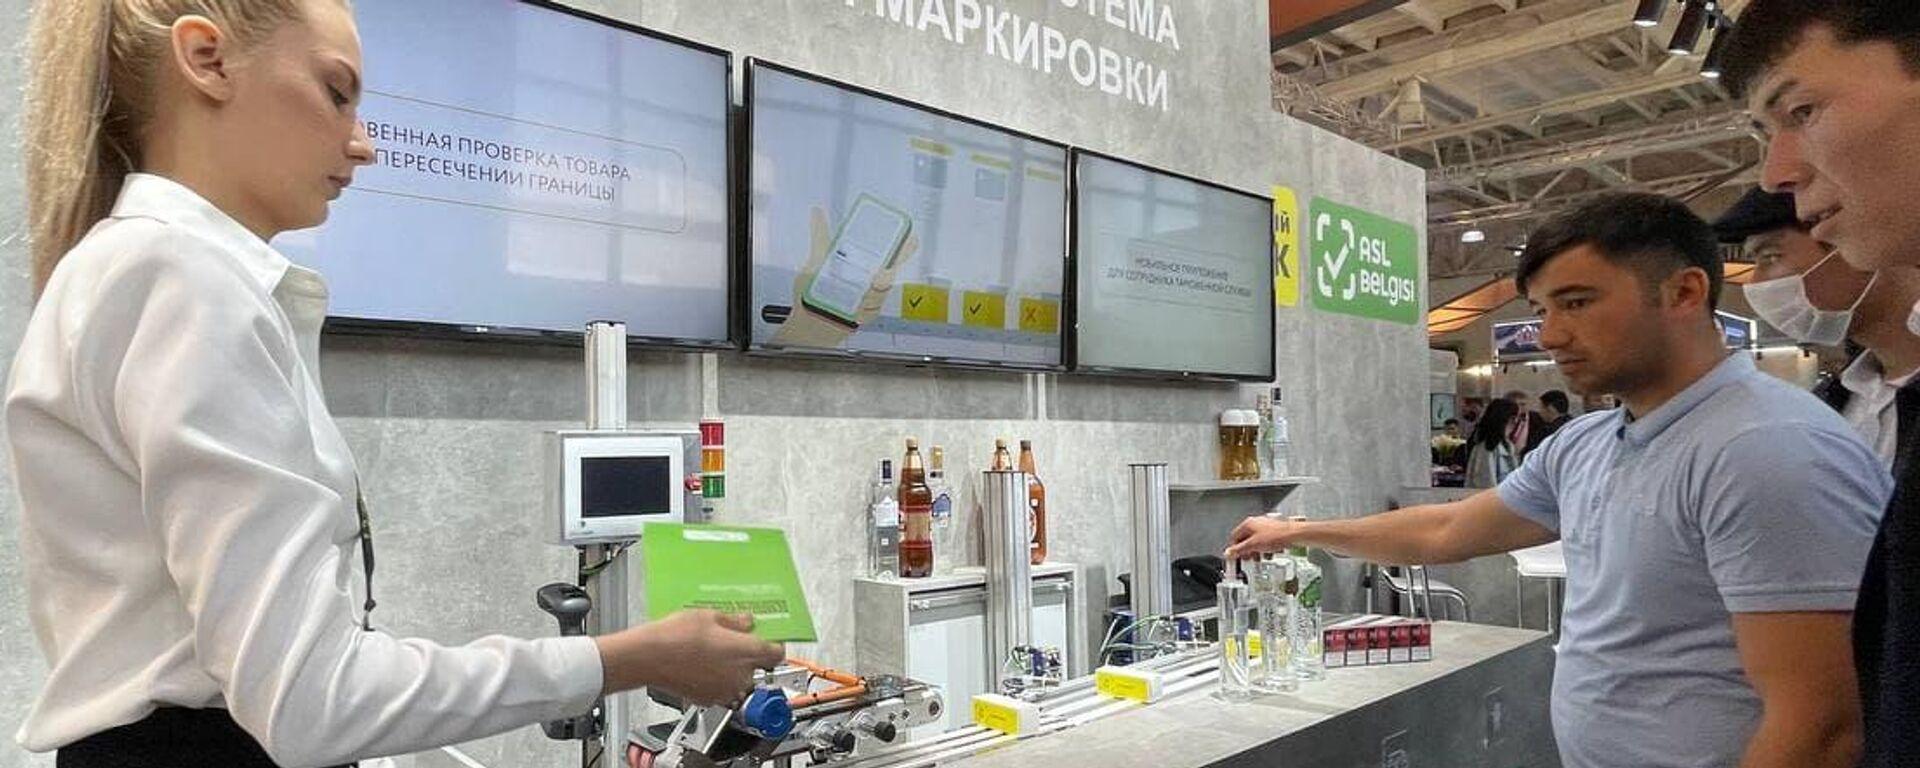 Стенд на выставке  Иннопром на тему маркировки табачной и алогольной продукции - Sputnik Узбекистан, 1920, 07.04.2021